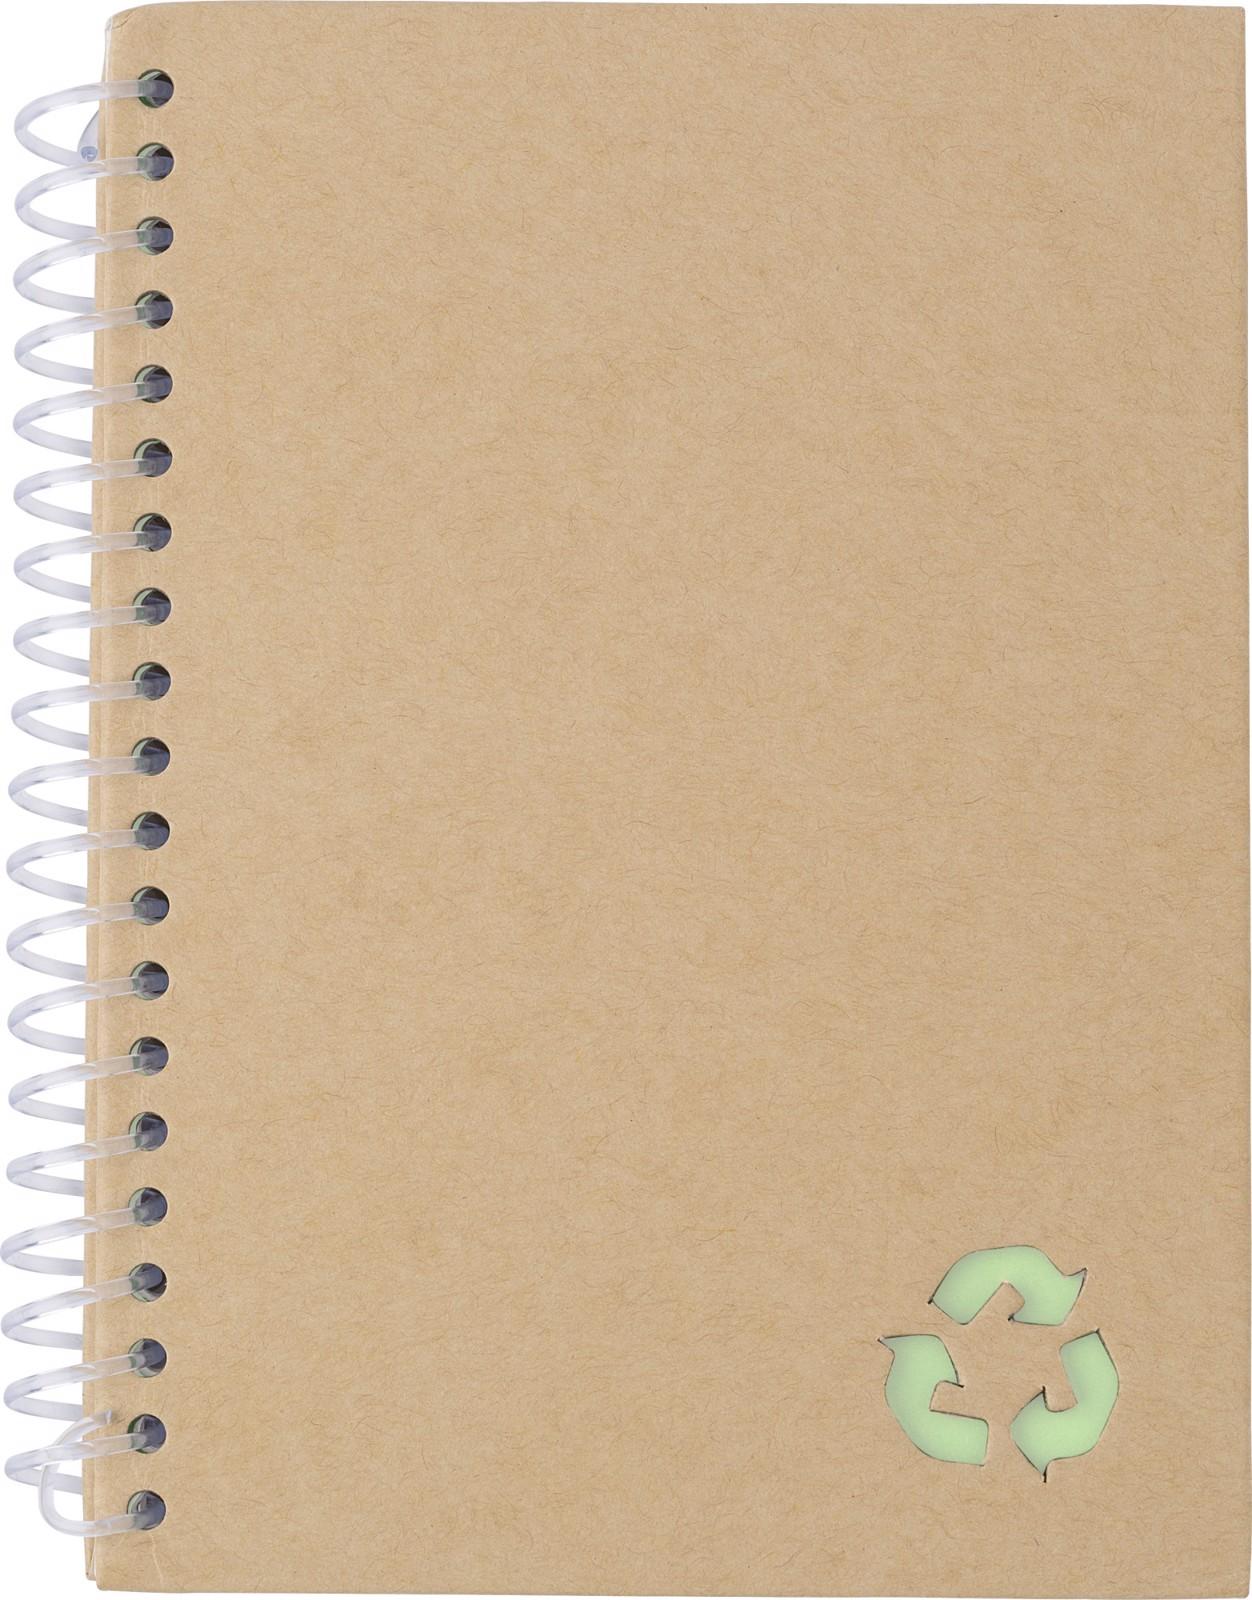 Cuaderno de papel de piedra - Light Green